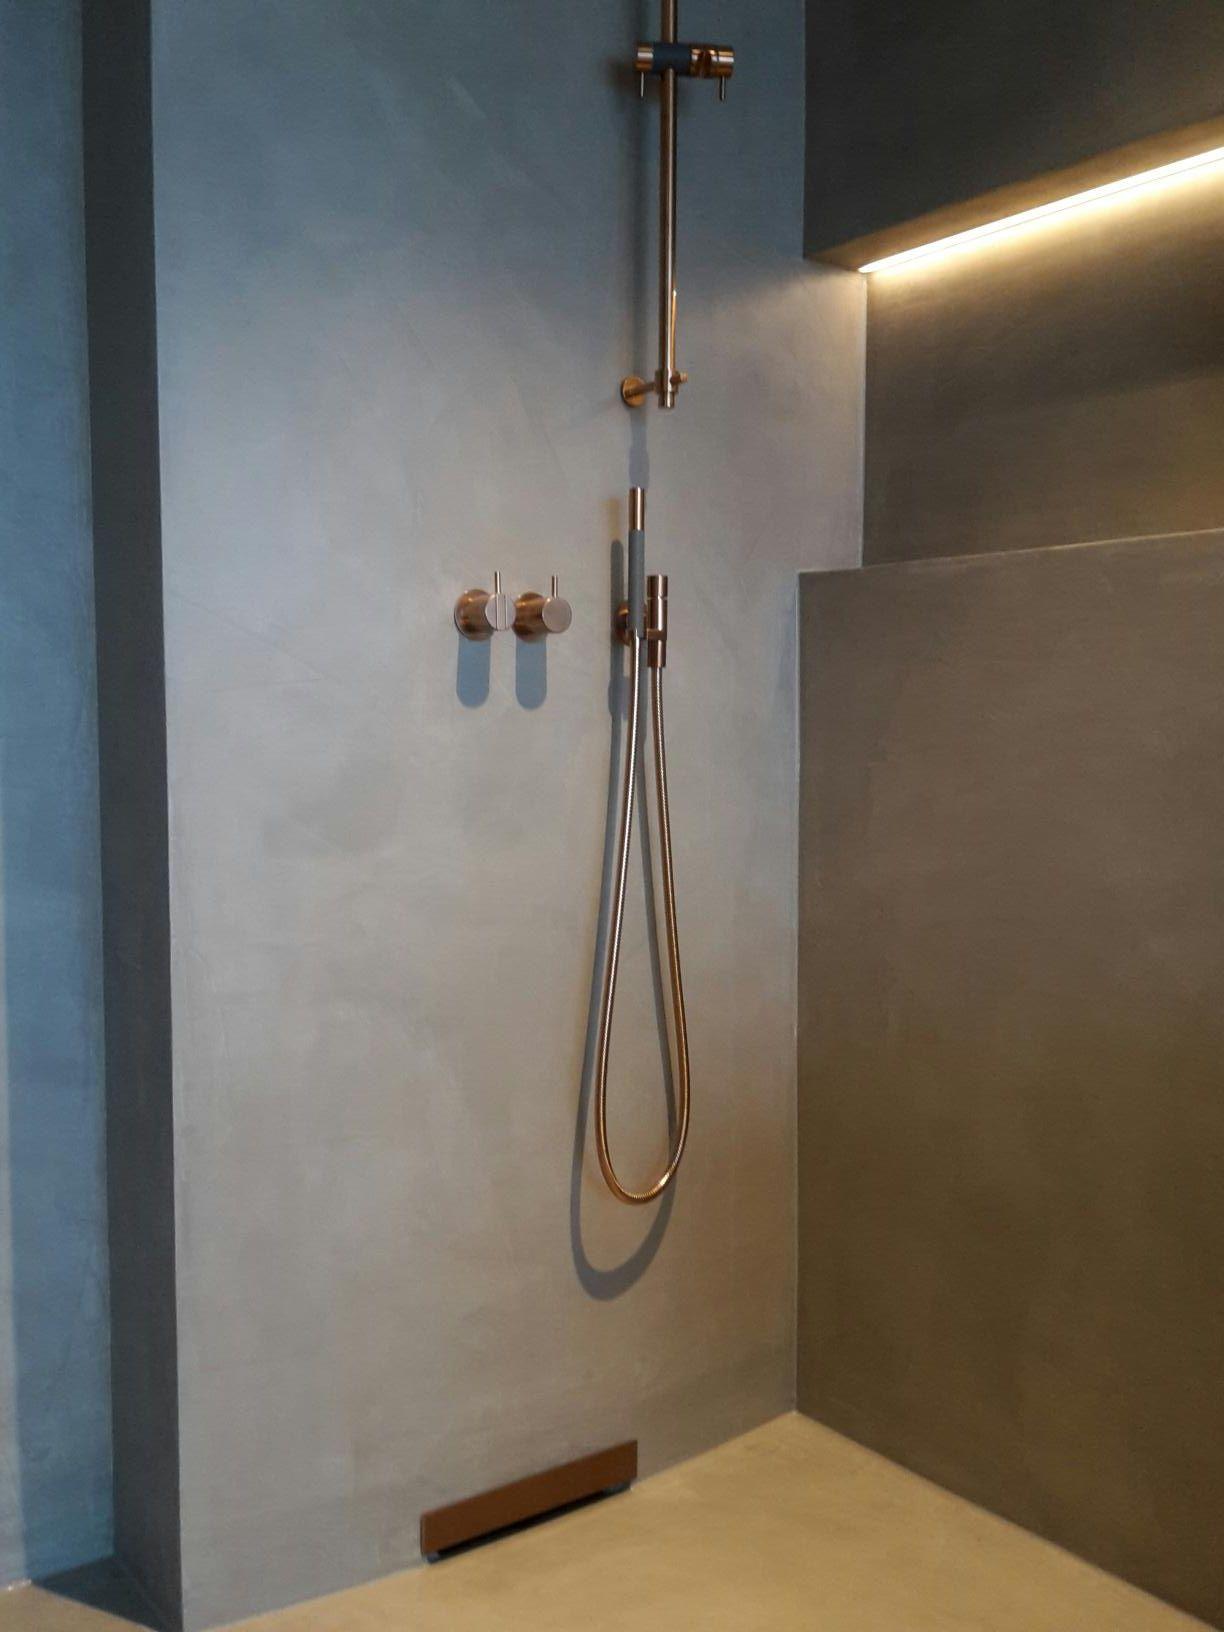 Pin Von Sveniana Auf Hutte Fugenlose Dusche Badezimmer Dusche Fliesen Dusche Fliesen